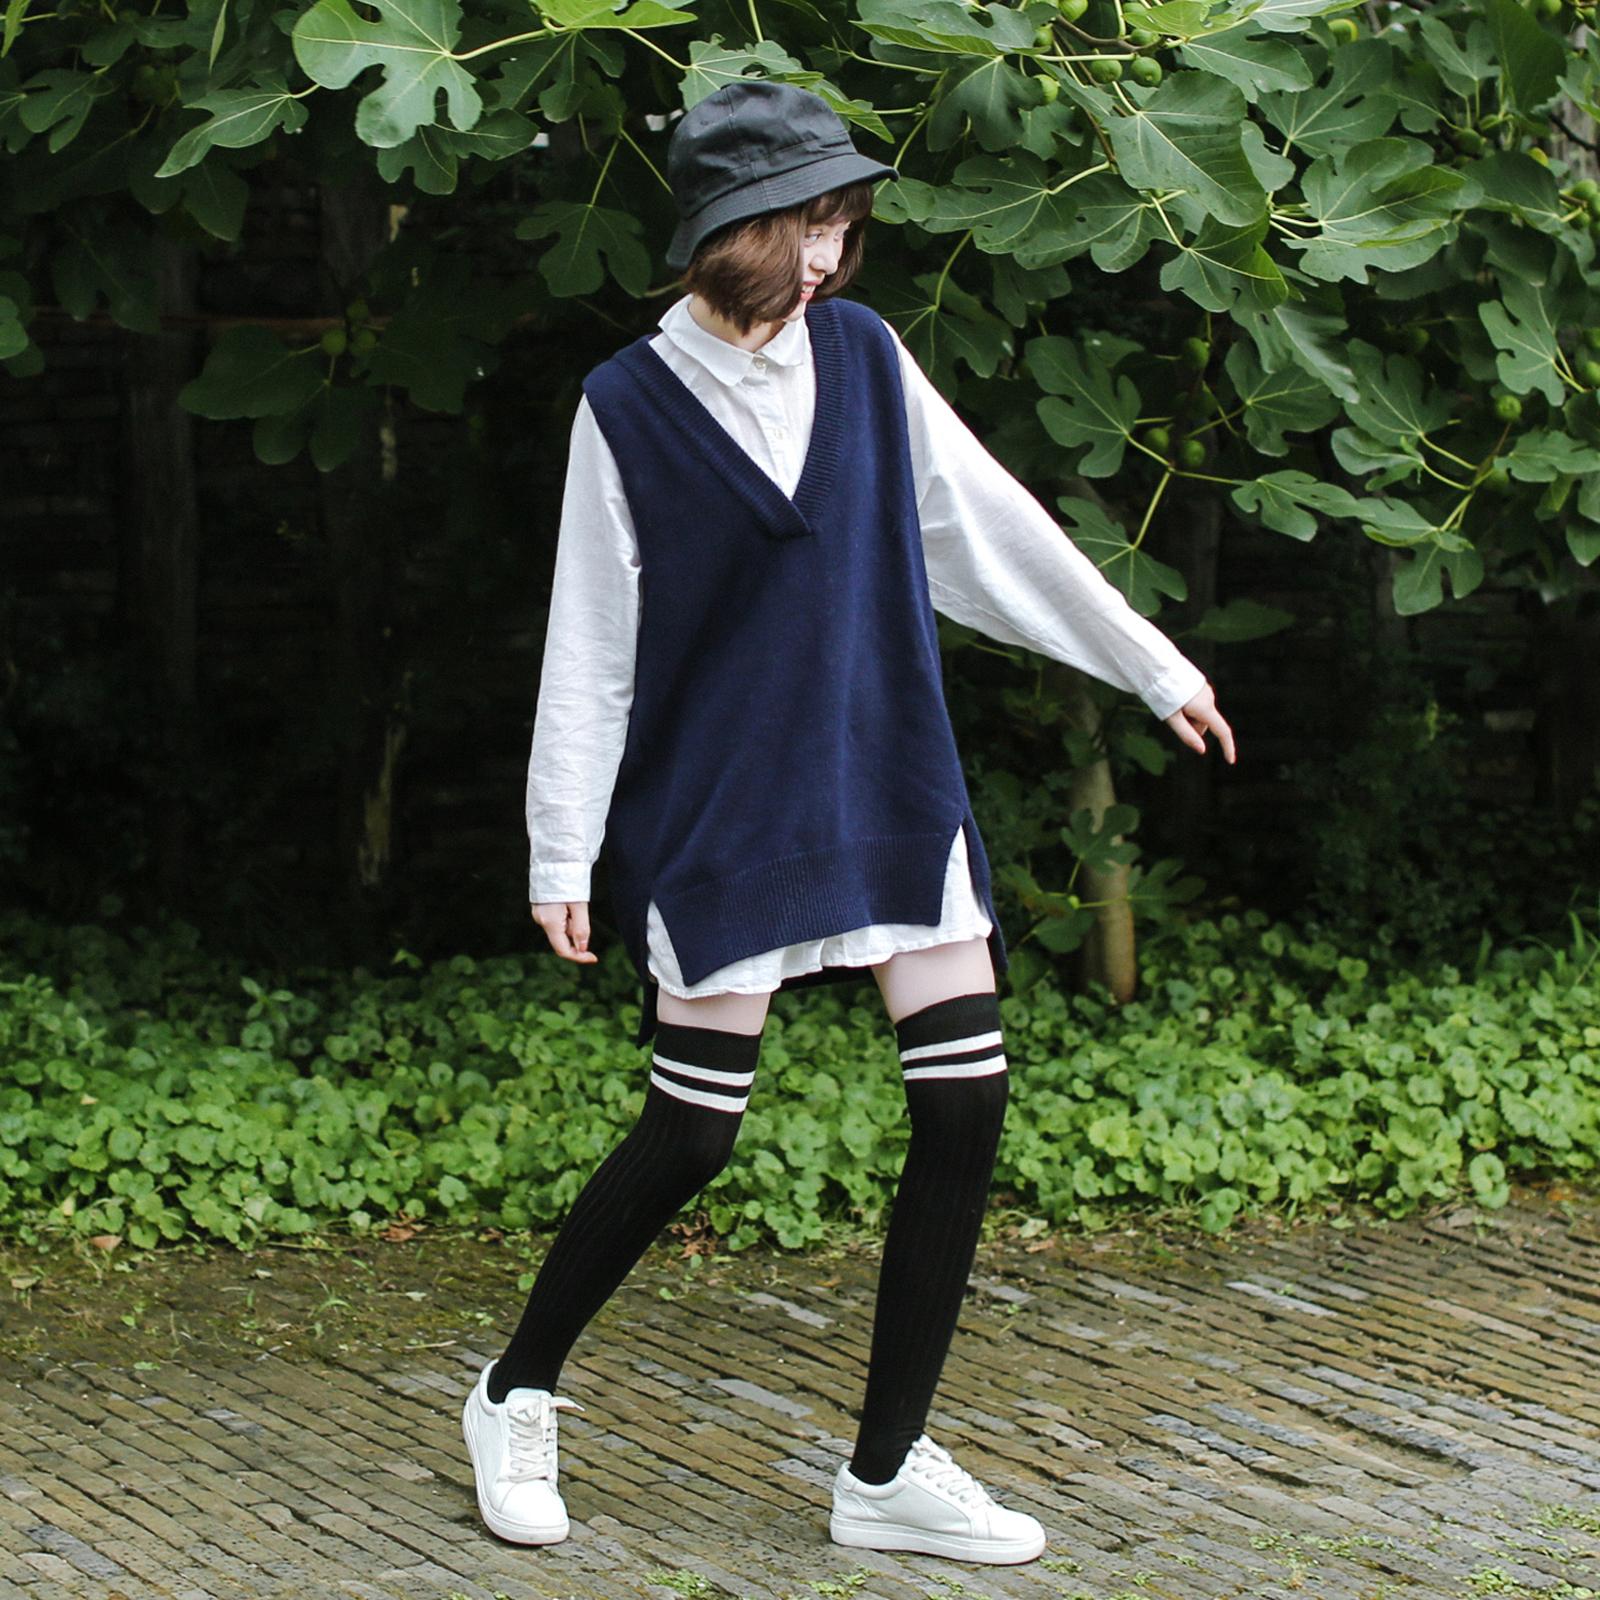 长筒袜子女过膝日系学生秋季高筒袜子韩国韩版学院风运动大腿袜潮